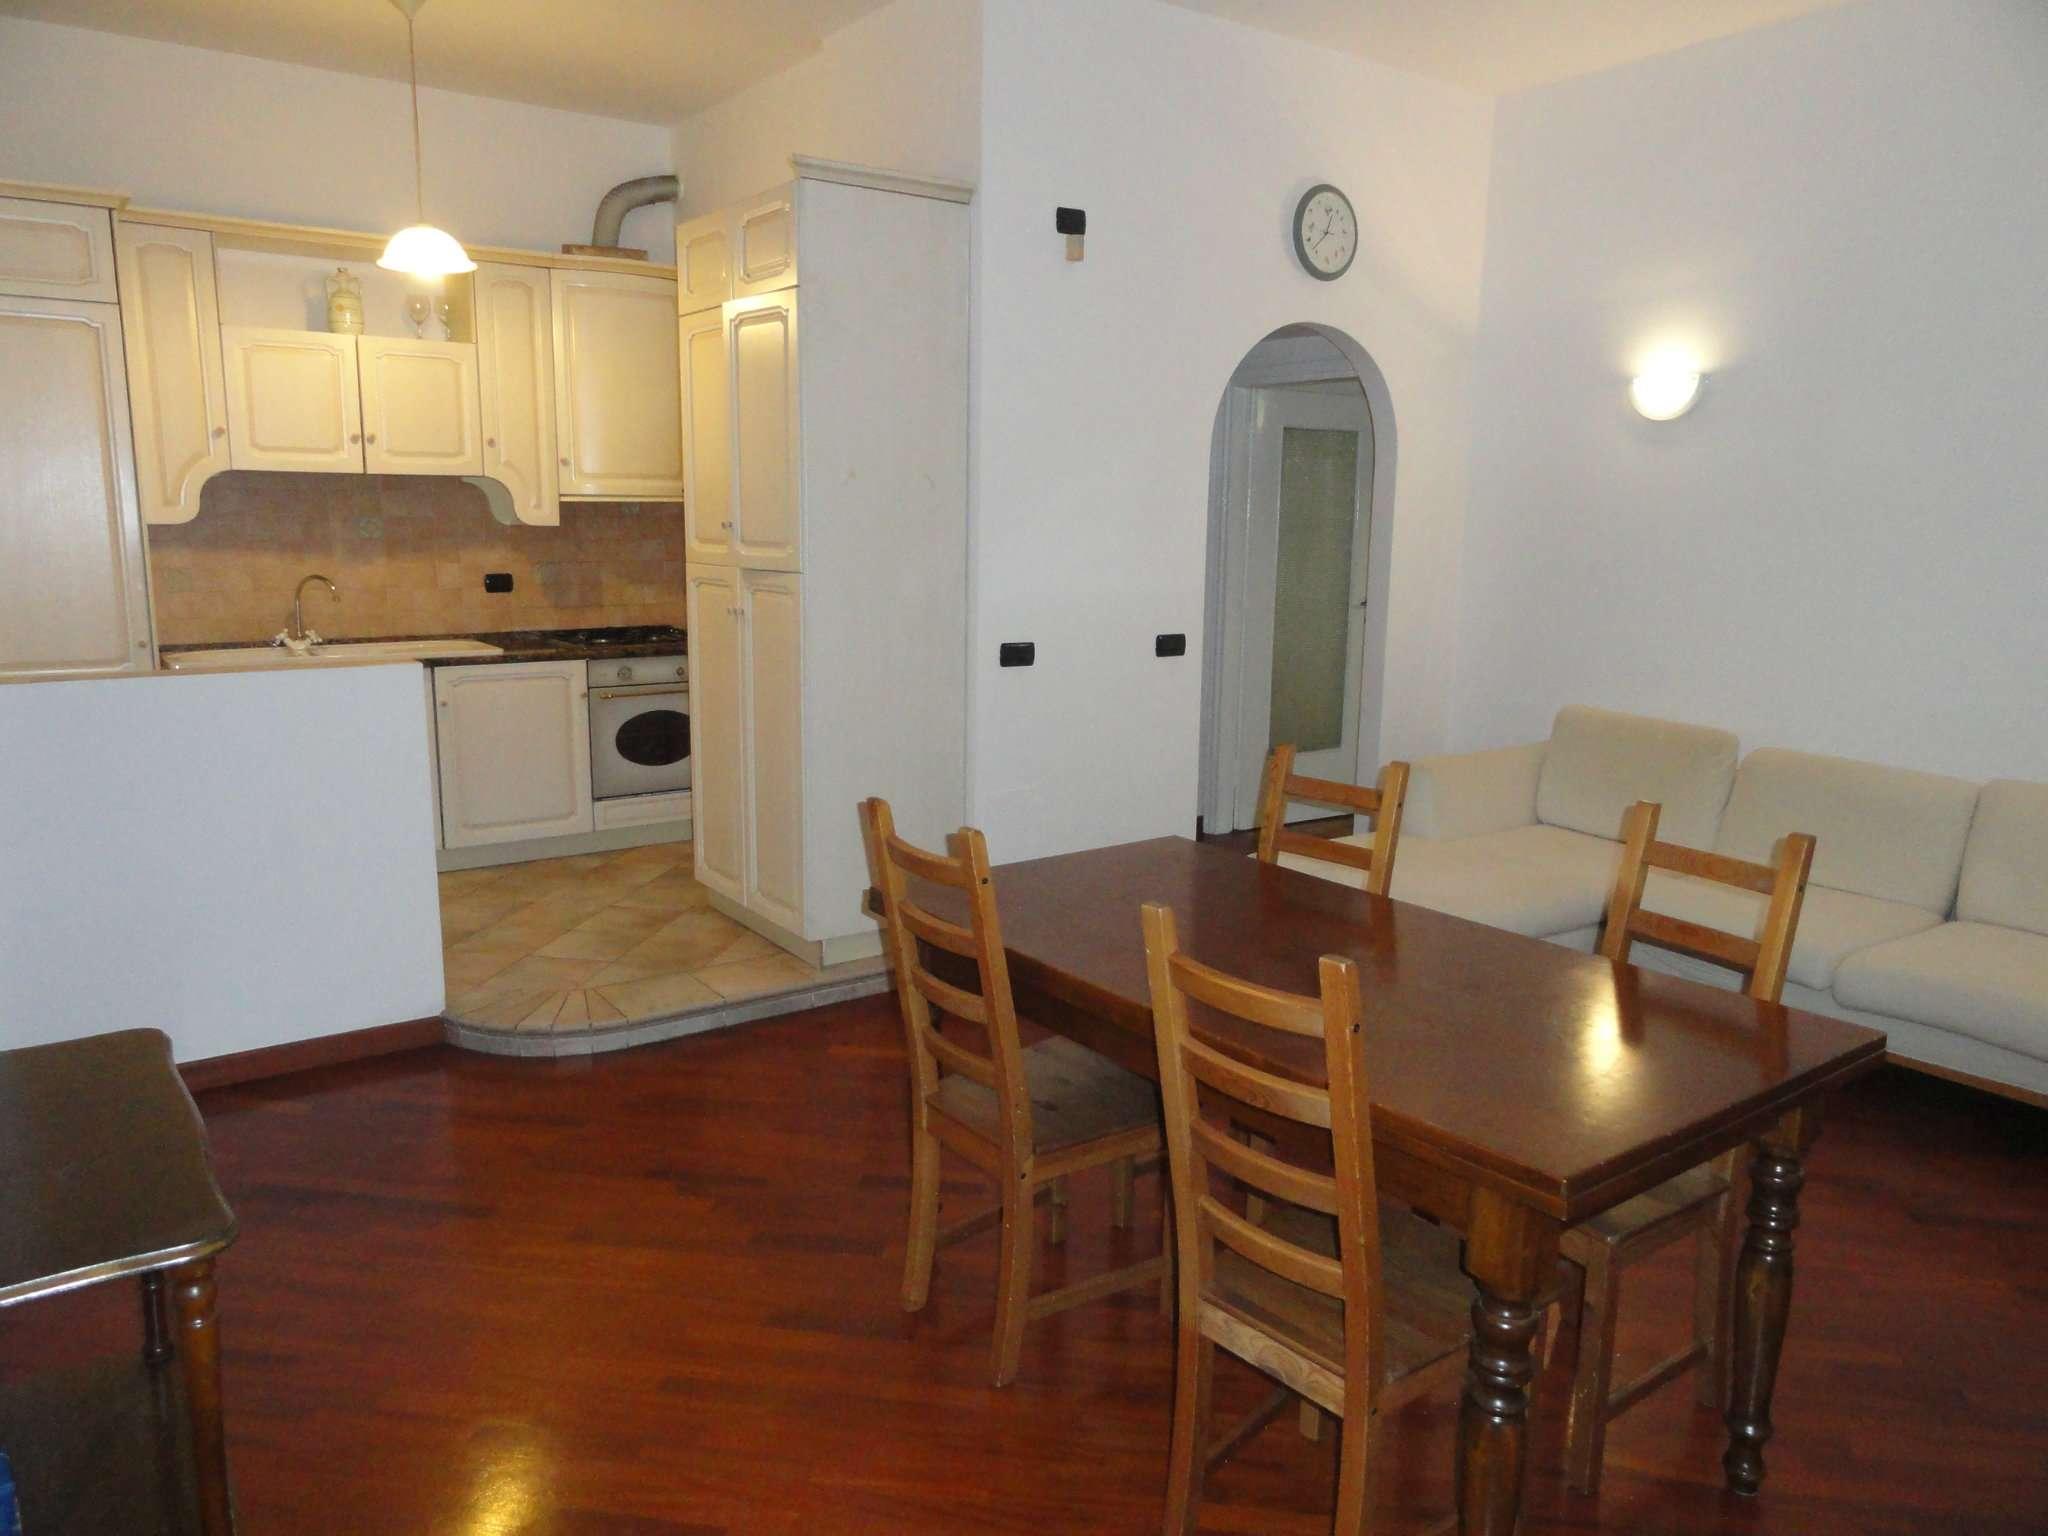 Appartamento in Vendita a Milano 03 Venezia / Piave / Buenos Aires: 3 locali, 100 mq